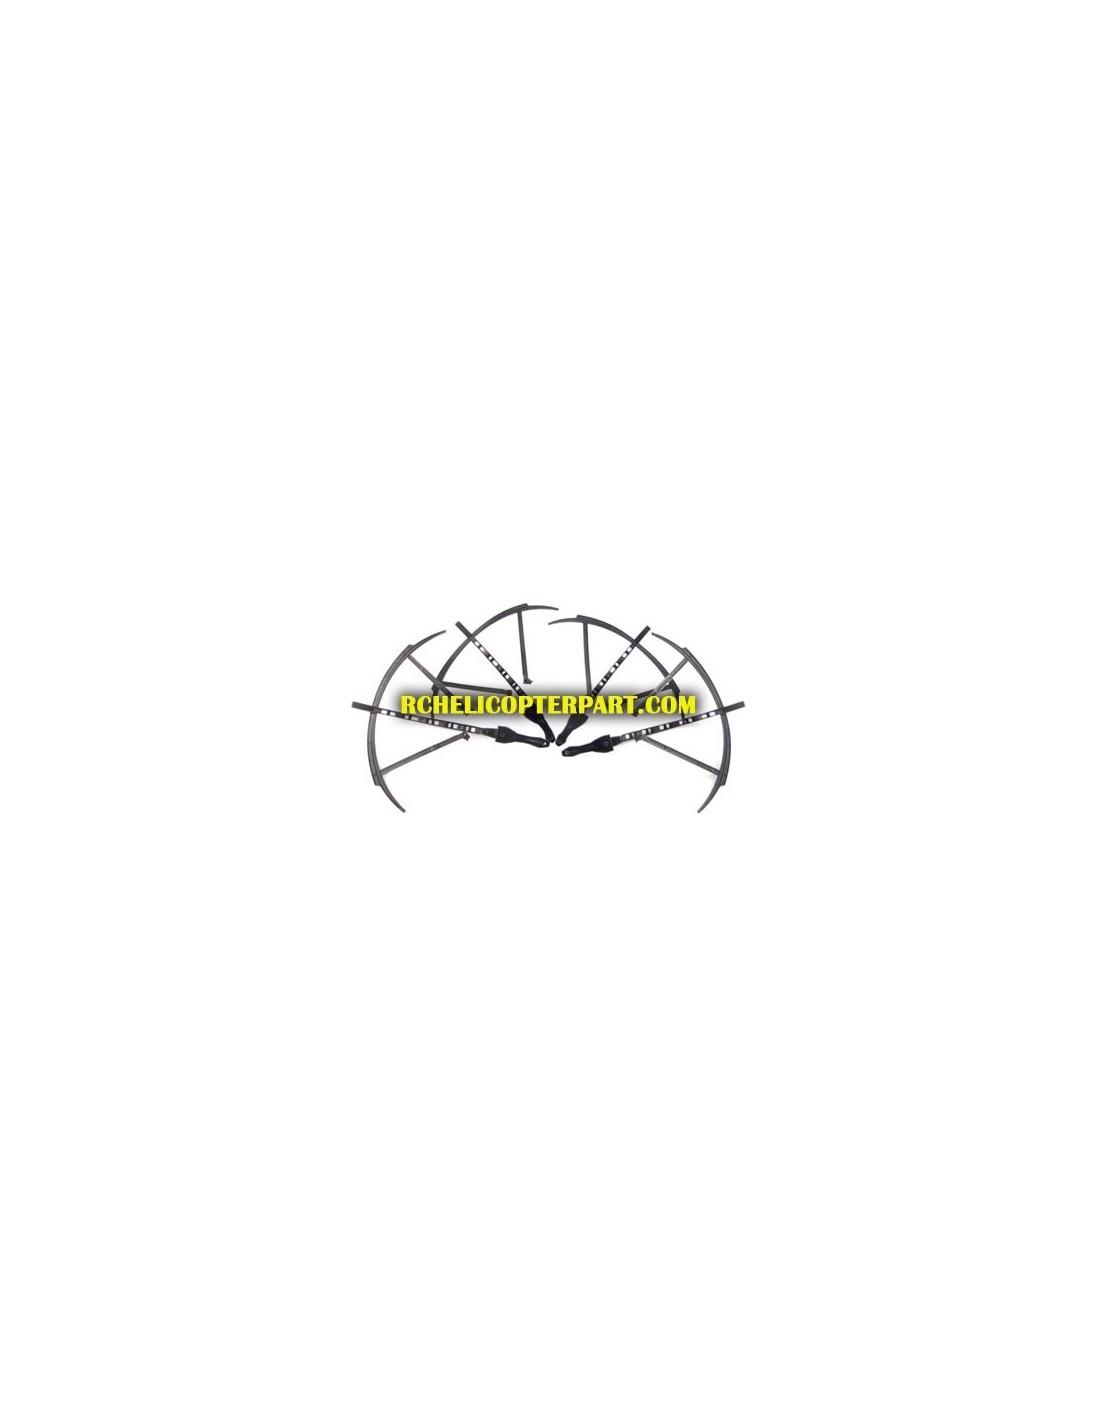 xinxun x62w 07 protection base for xinxun x62w wifi drone quadcopter Wiring-Diagram Software xinxun x62w 07 protection base for xinxun x62w wifi drone quadcopter parts